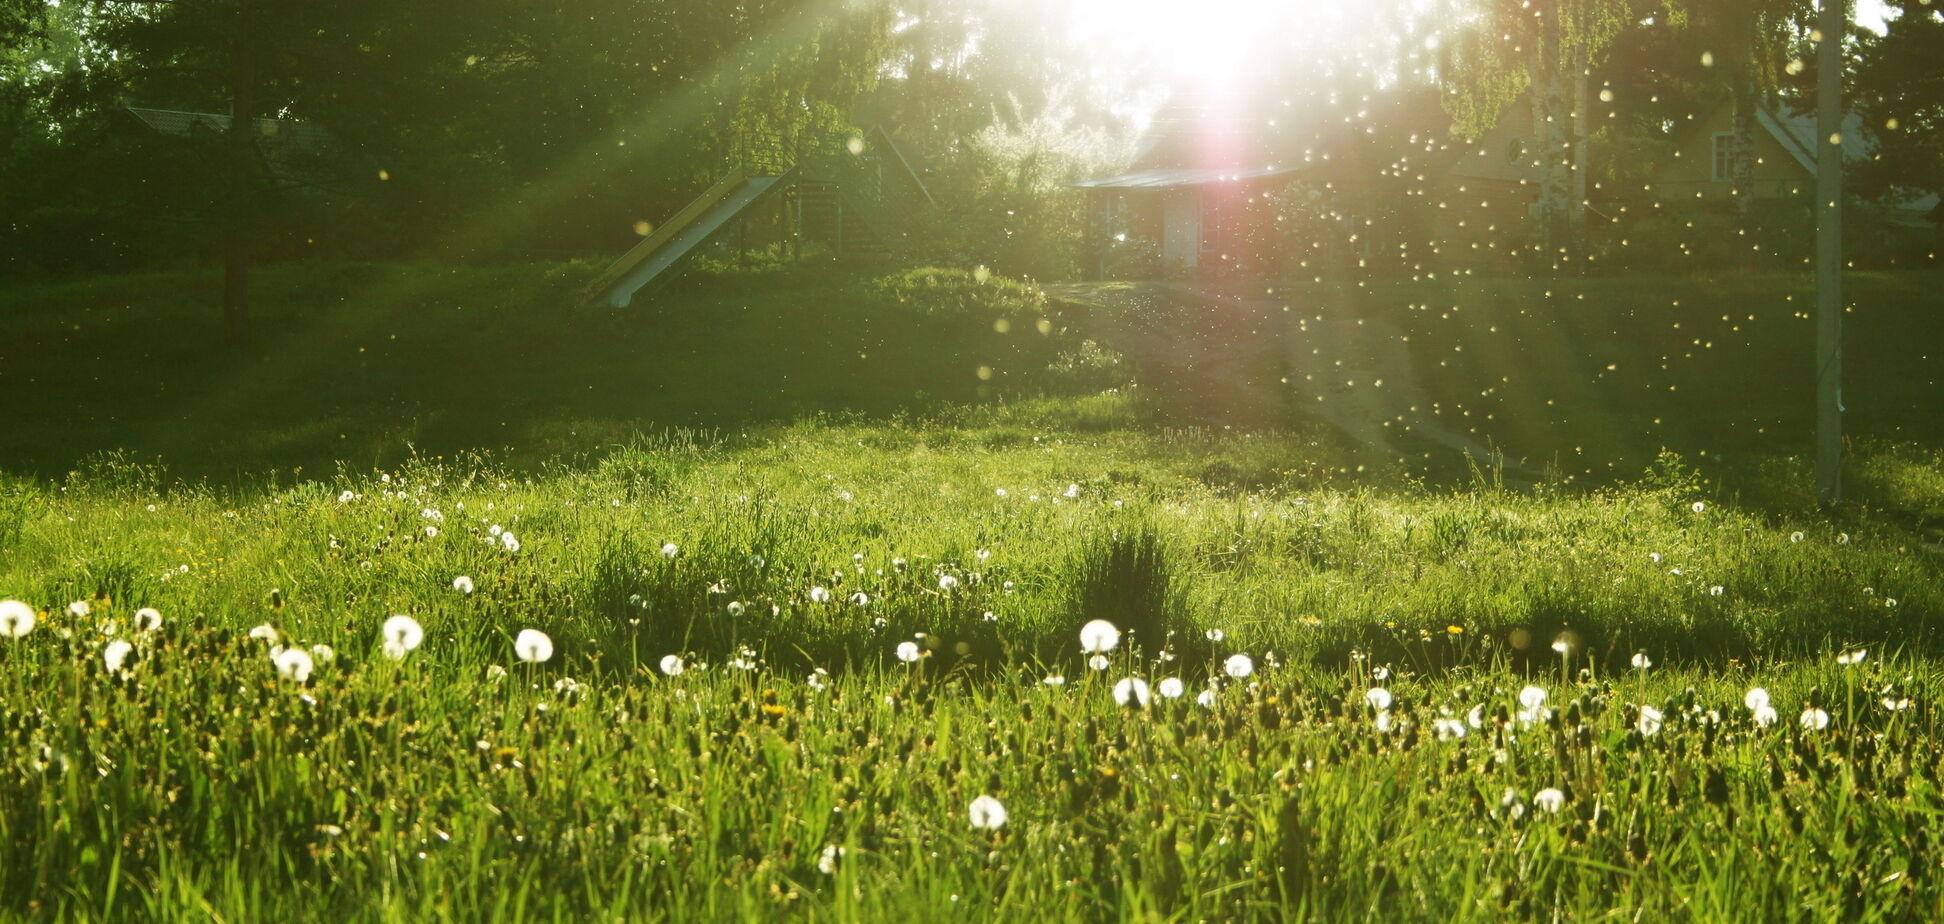 Майские праздники 2018: появился прогноз погоды